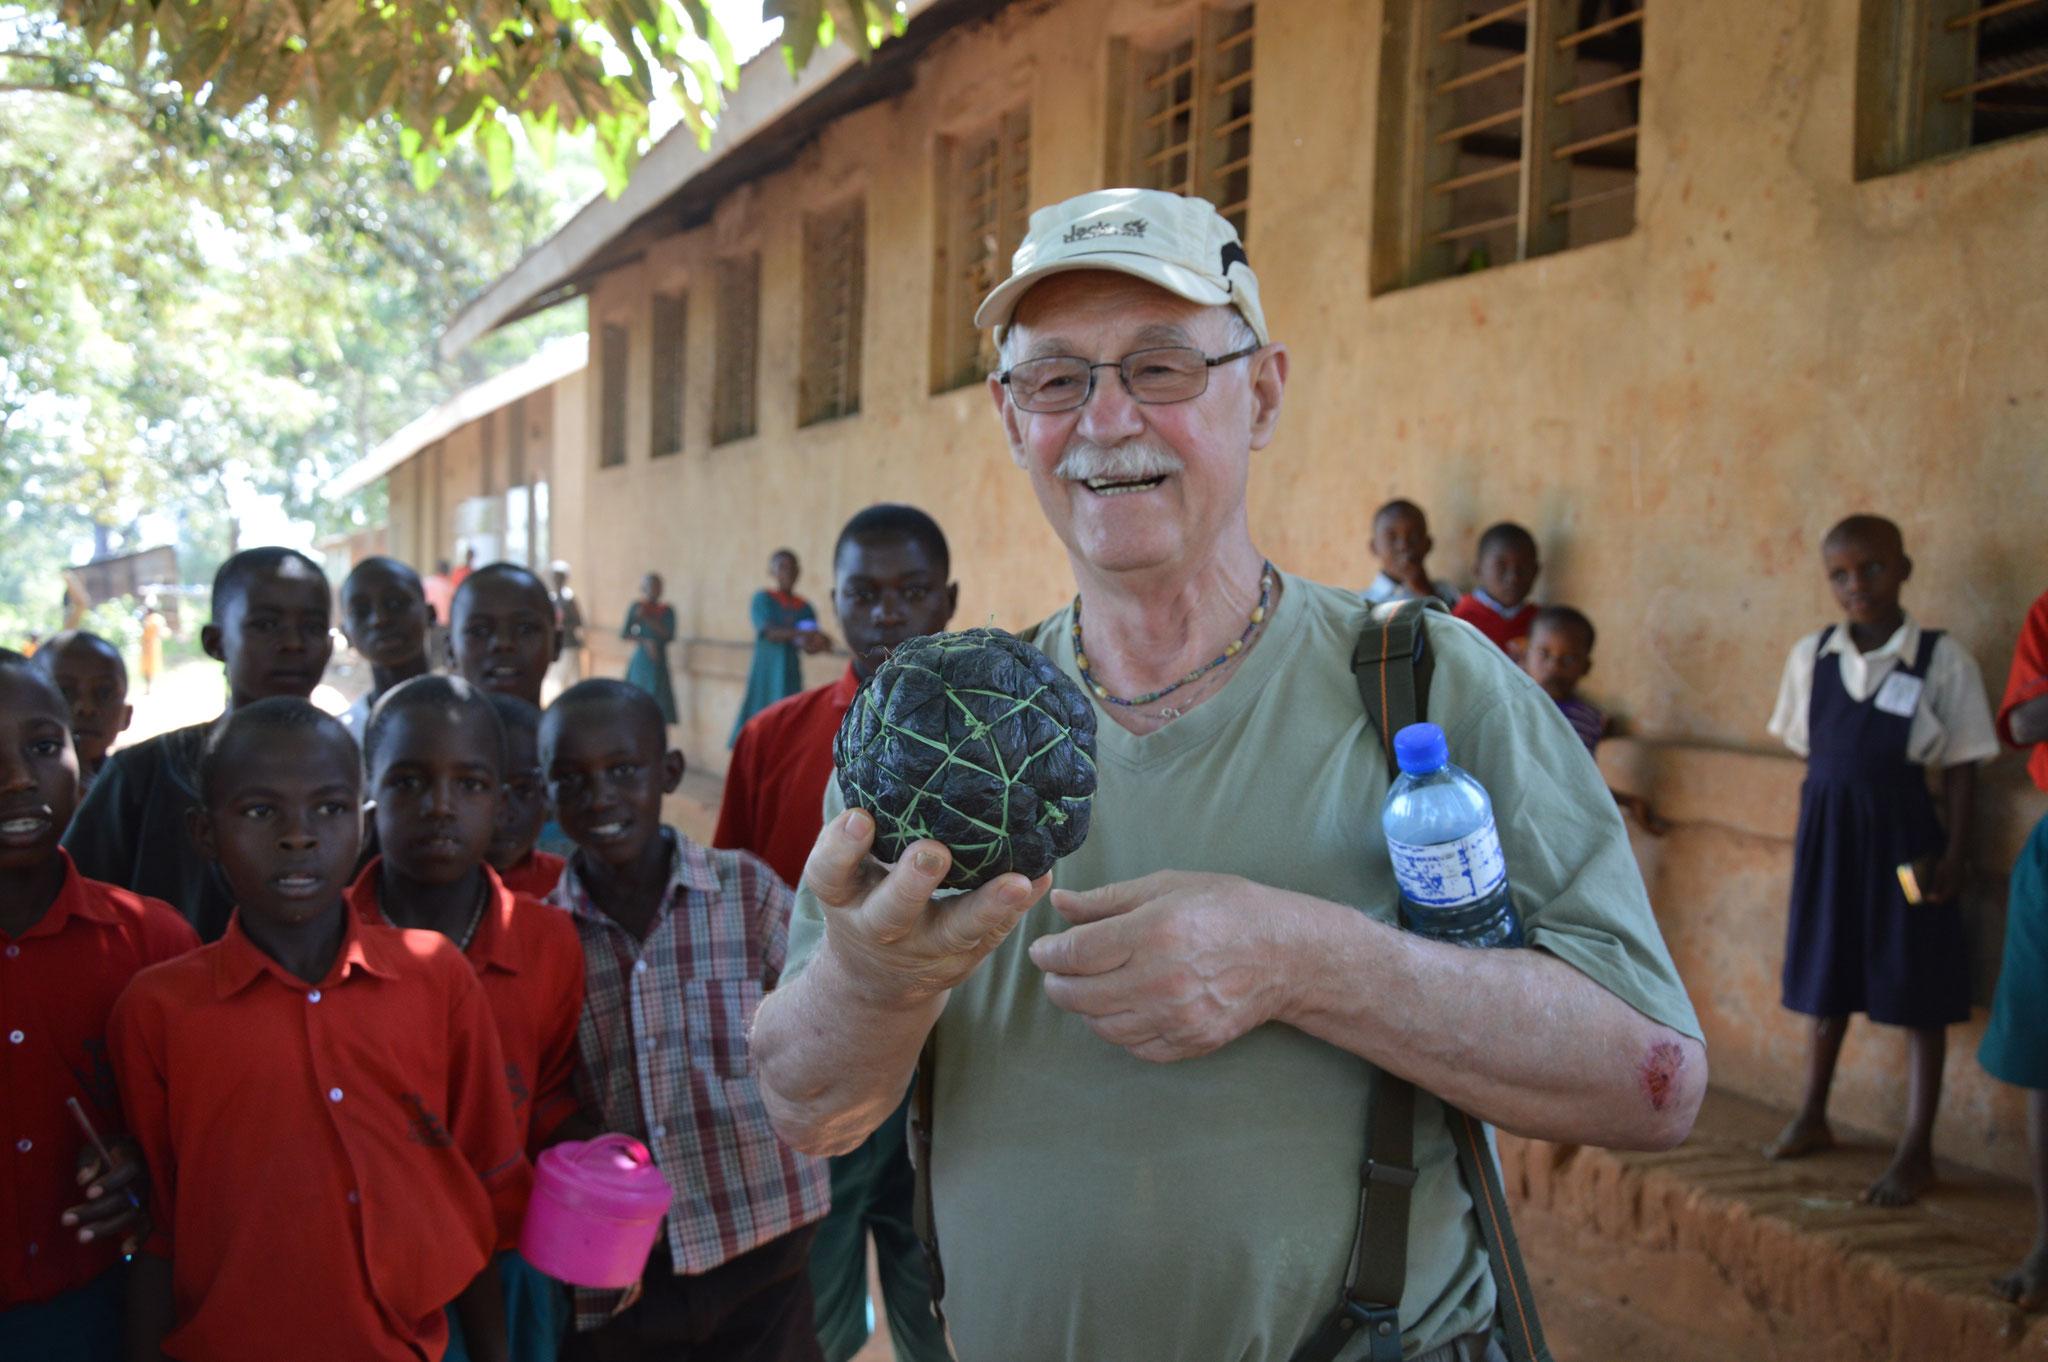 Gerhard zeigt einen Ball, der aus Plastiktüten hergestellt wurde, der traditionelle Ball, wie man ihn überall in Uganda finden kann, für Gerhard aber etwas besonderes, da die Schüler in Bwanda meist gute Bälle haben.